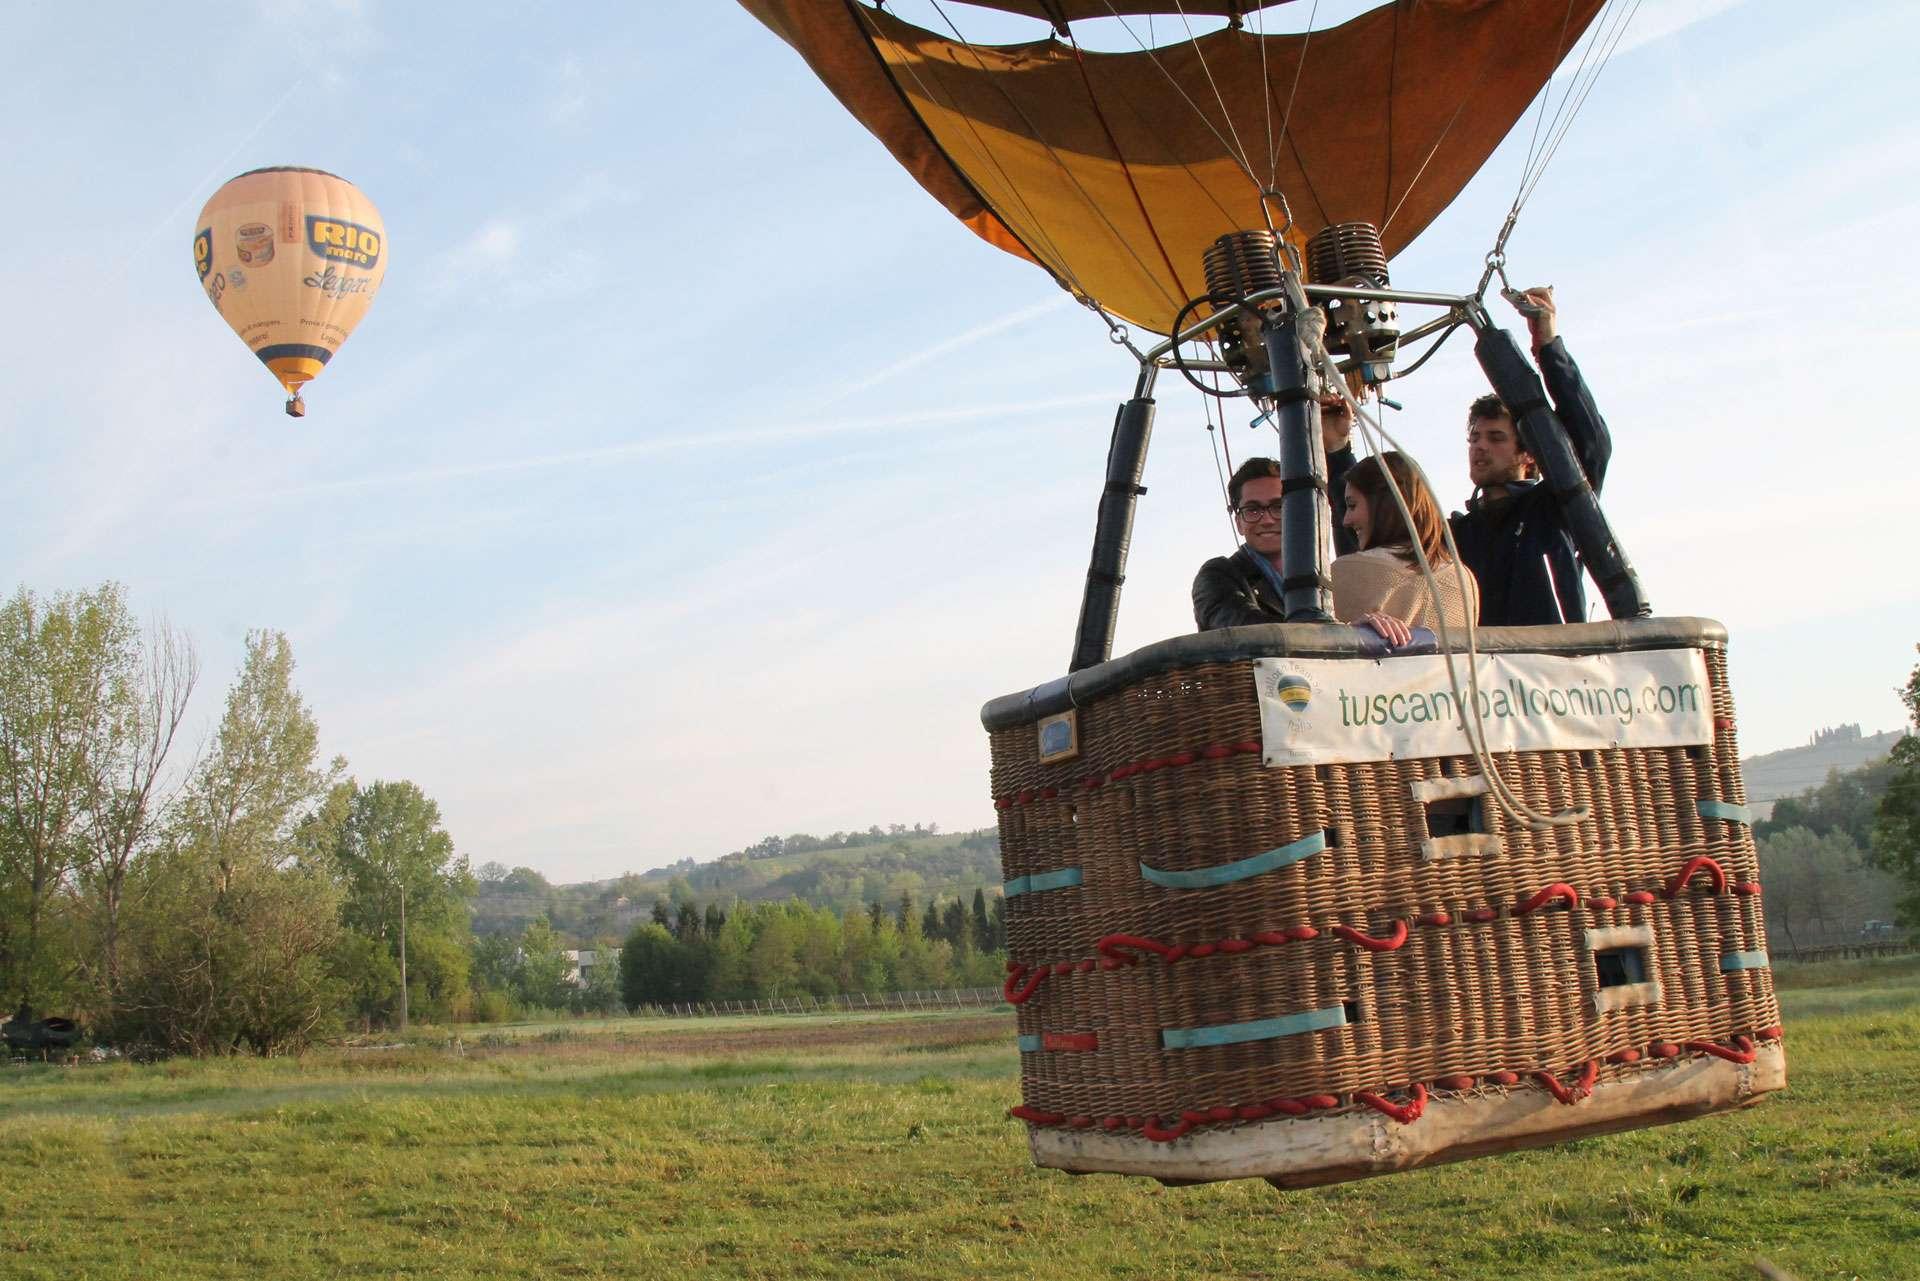 Tuscany by Balloon